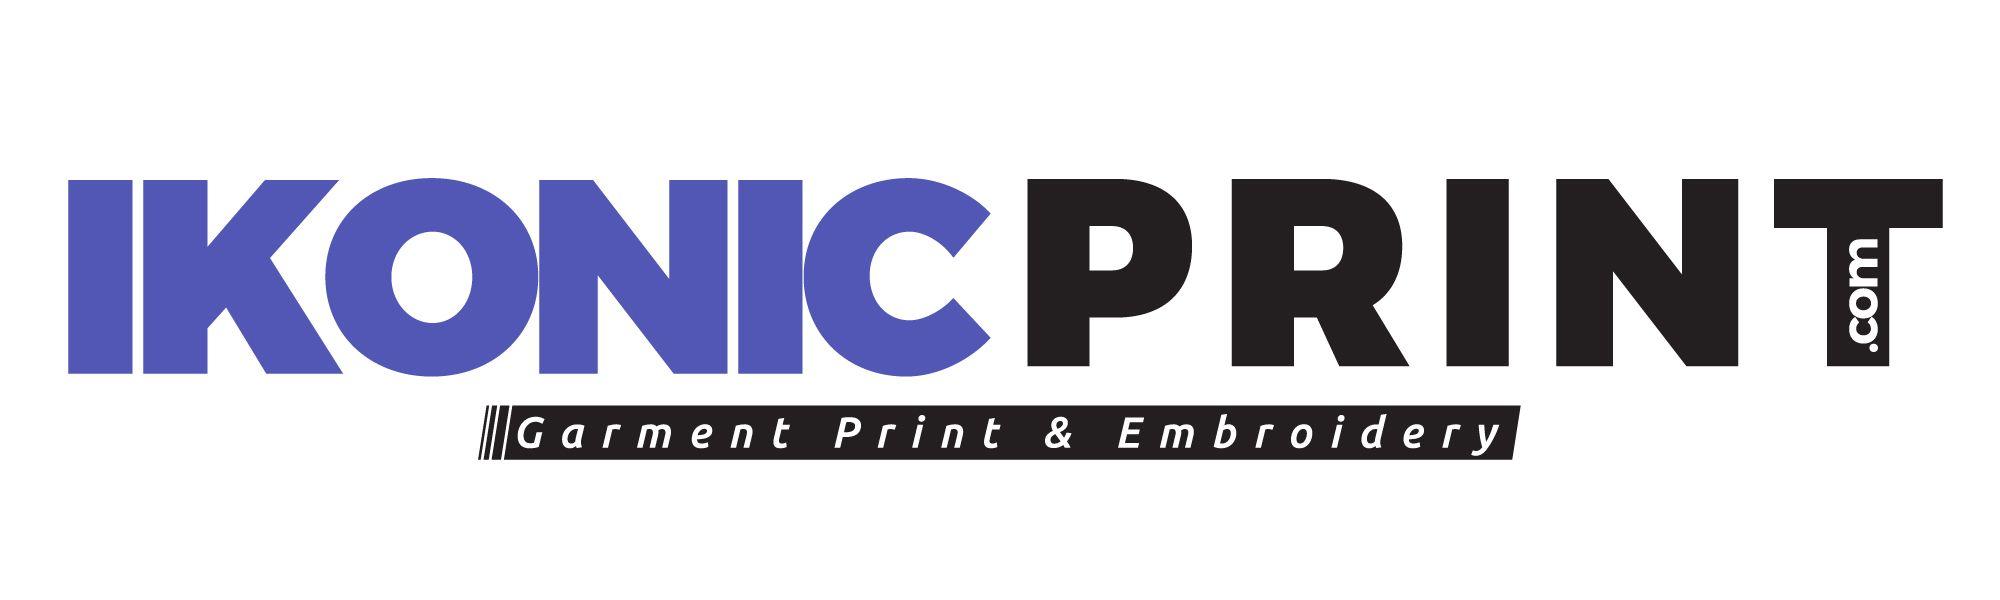 Ikonic Print